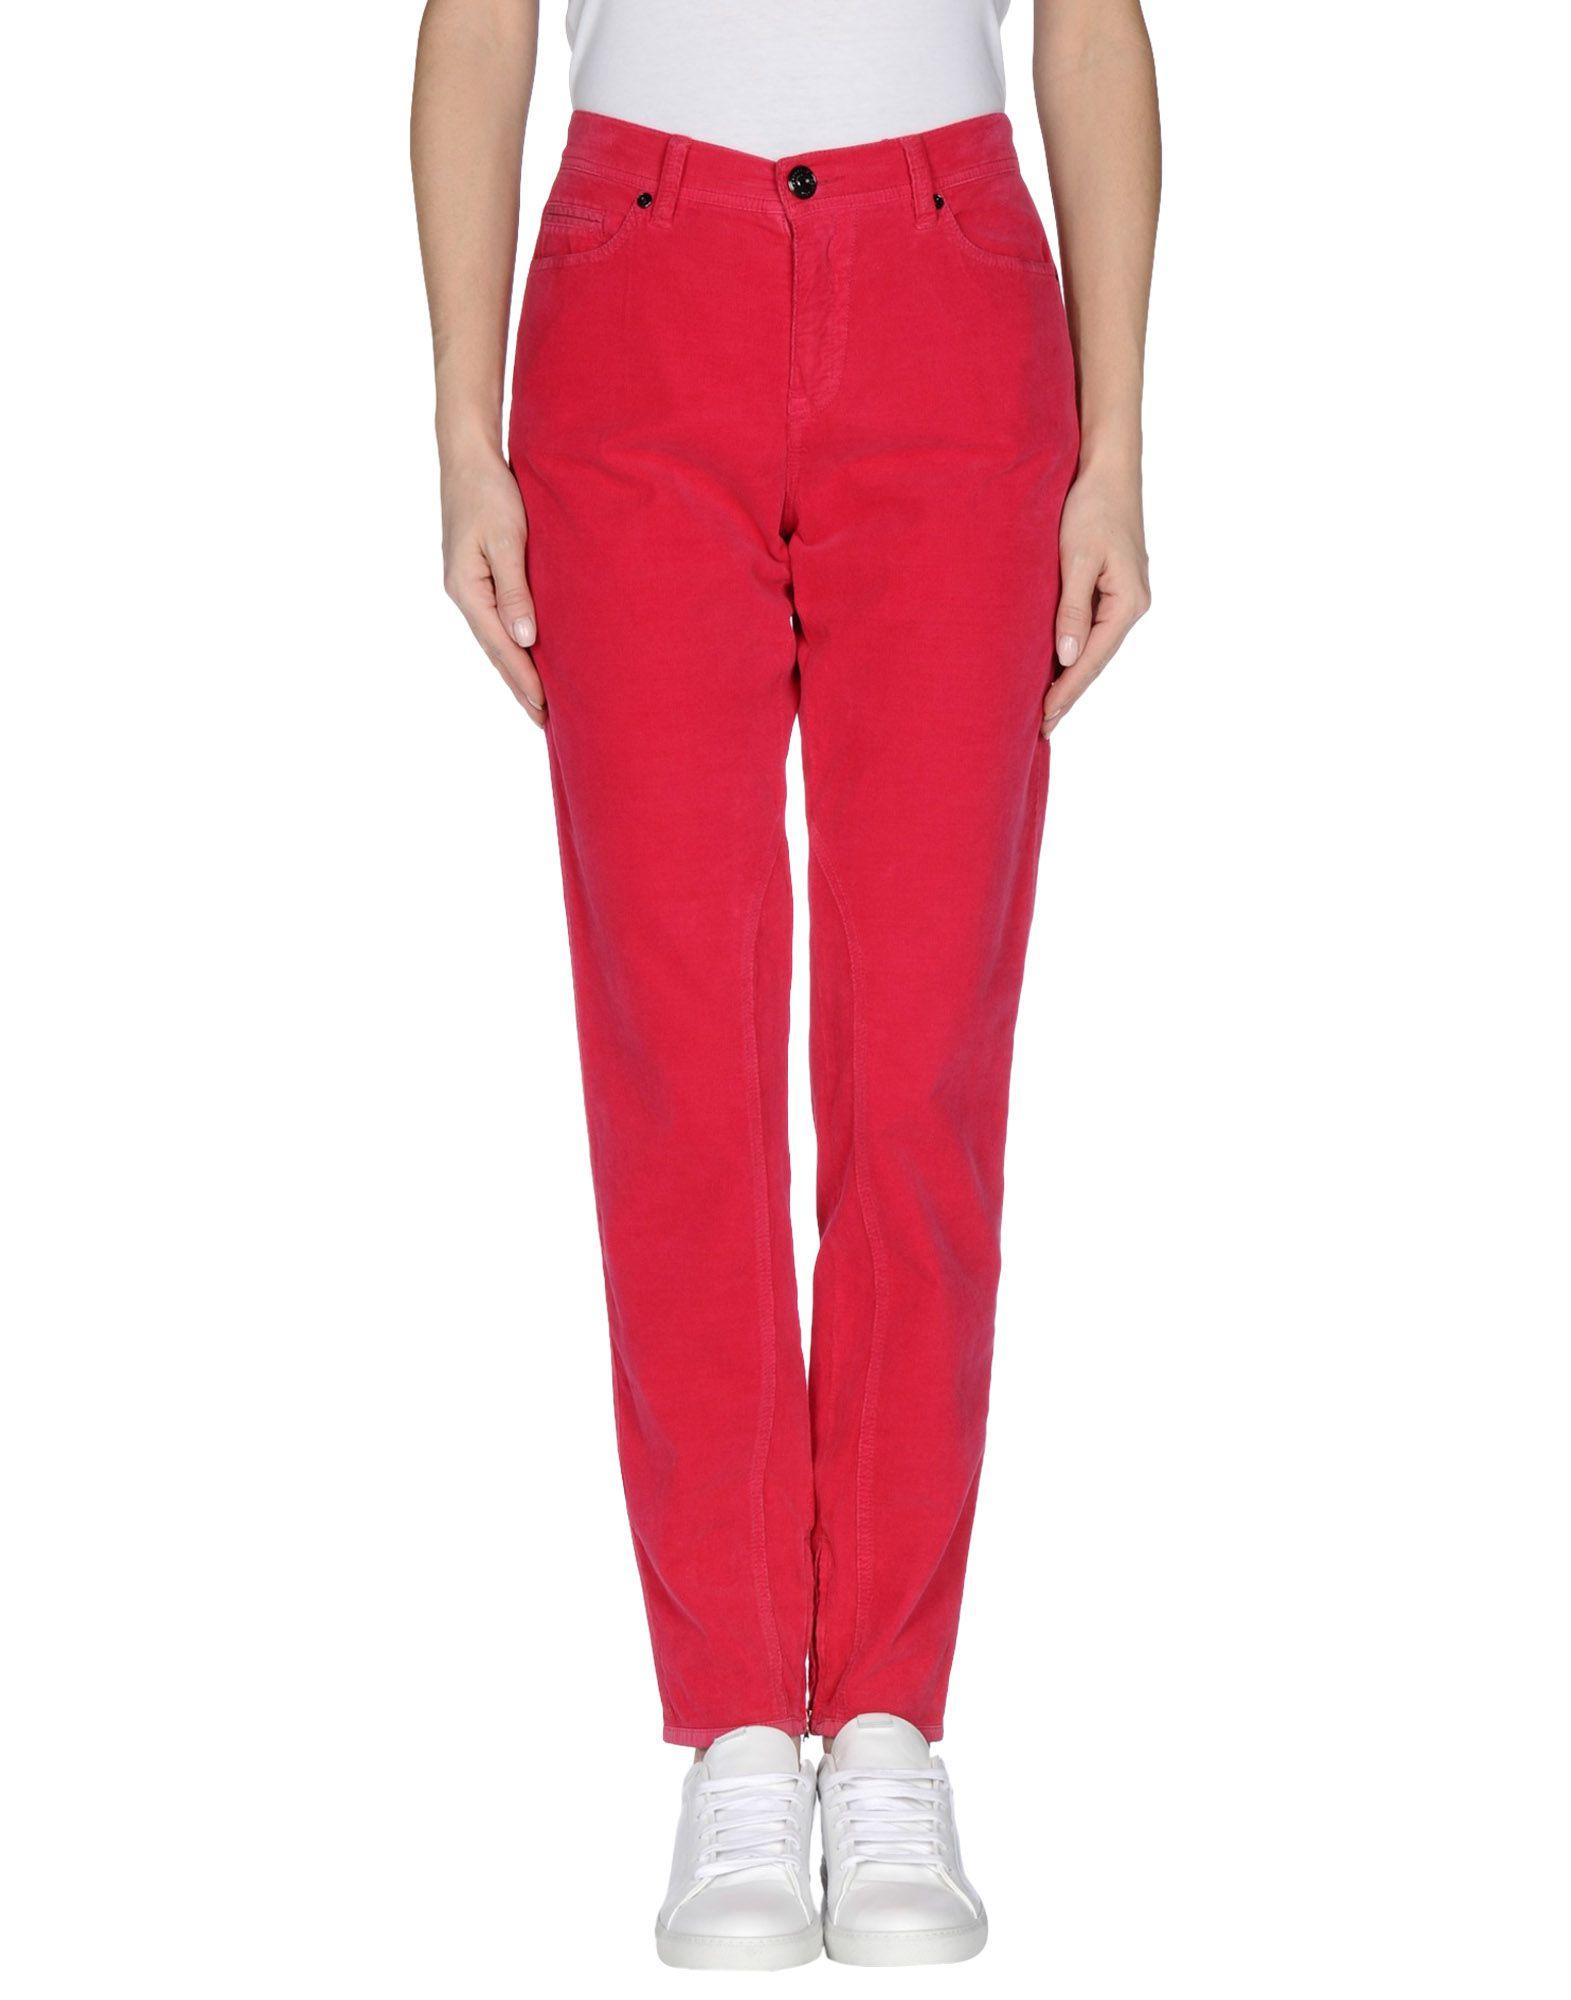 raffaello rossi casual pants shop at ebates. Black Bedroom Furniture Sets. Home Design Ideas